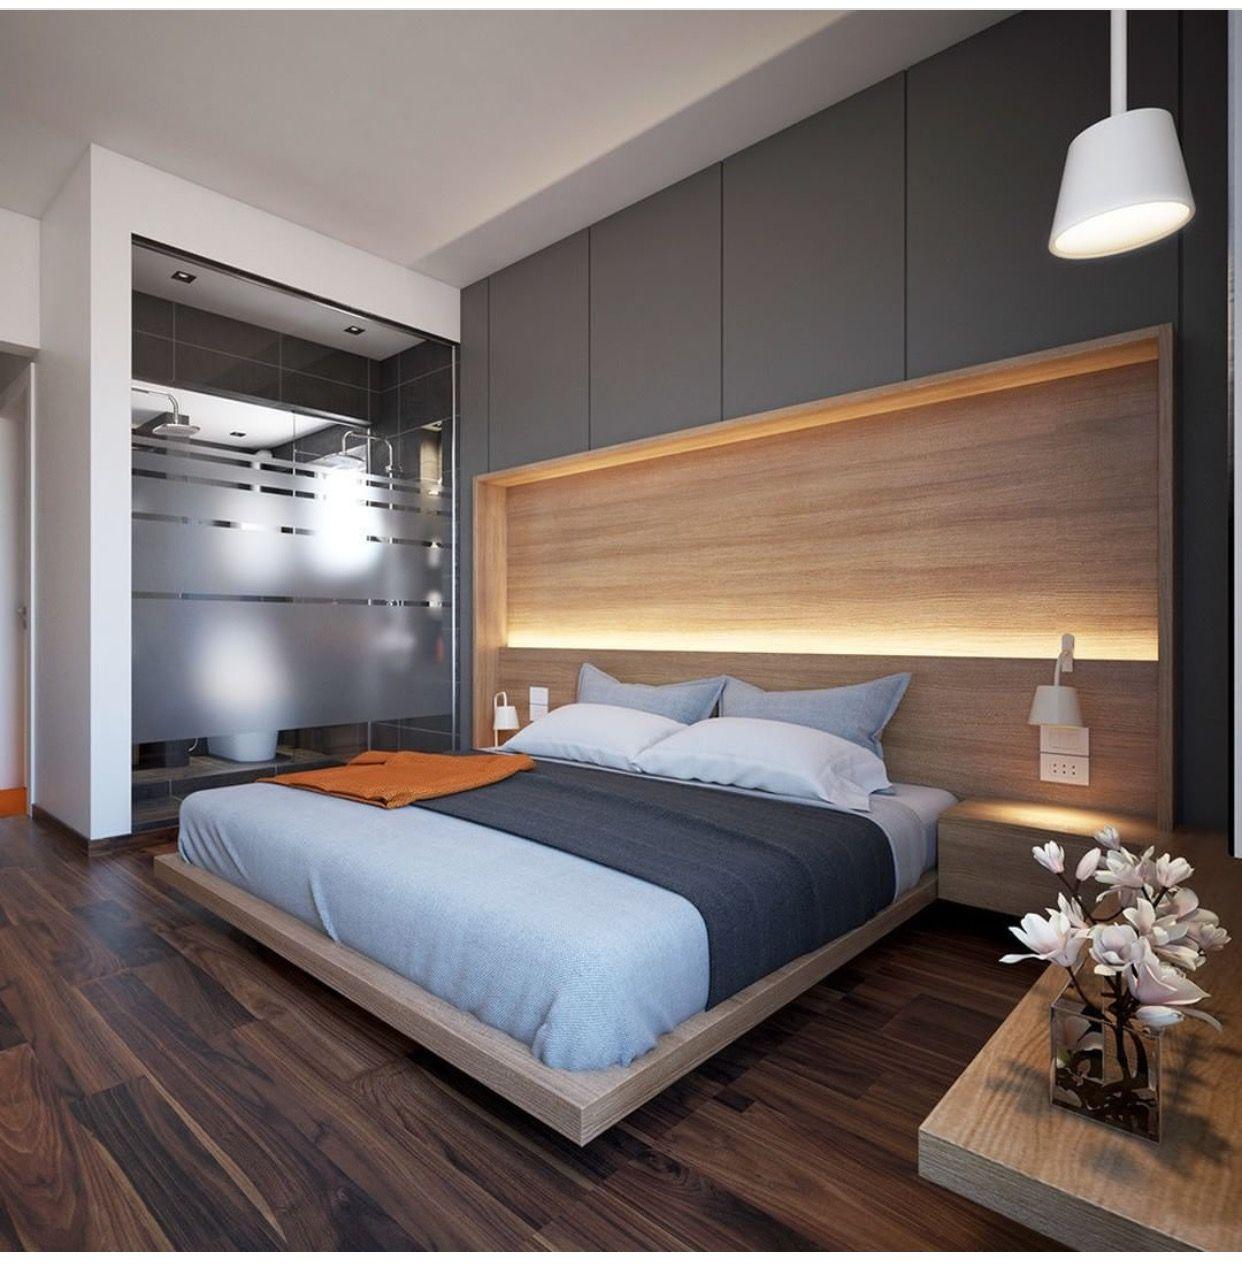 Pin de Tzu Li Chen en Bedroom ideas   Pinterest   Habitaciones ...